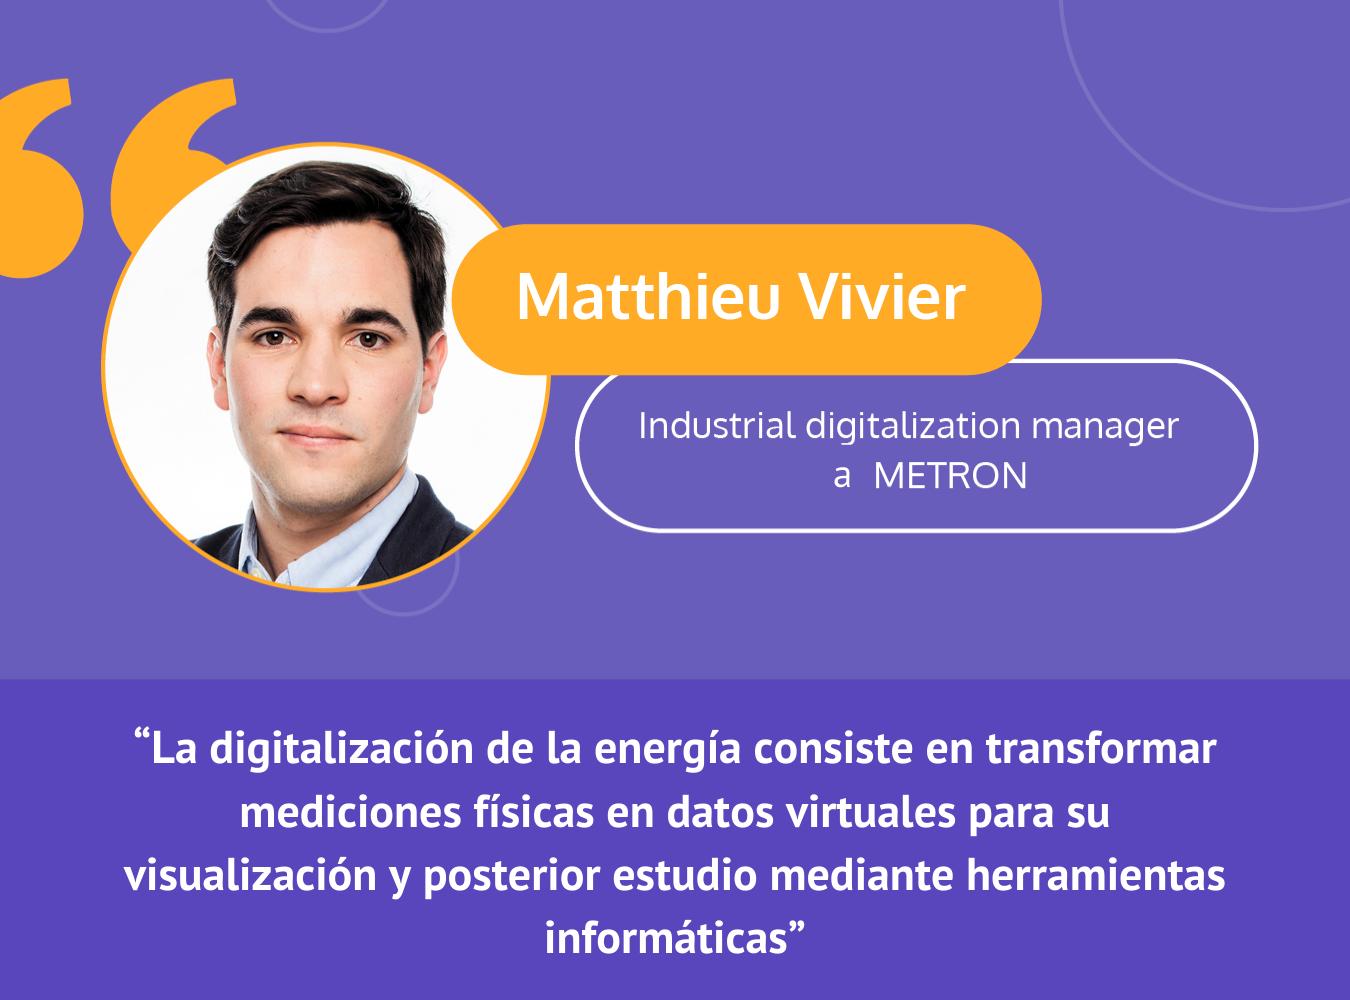 matthieu-vivier-entrevista-digitalización